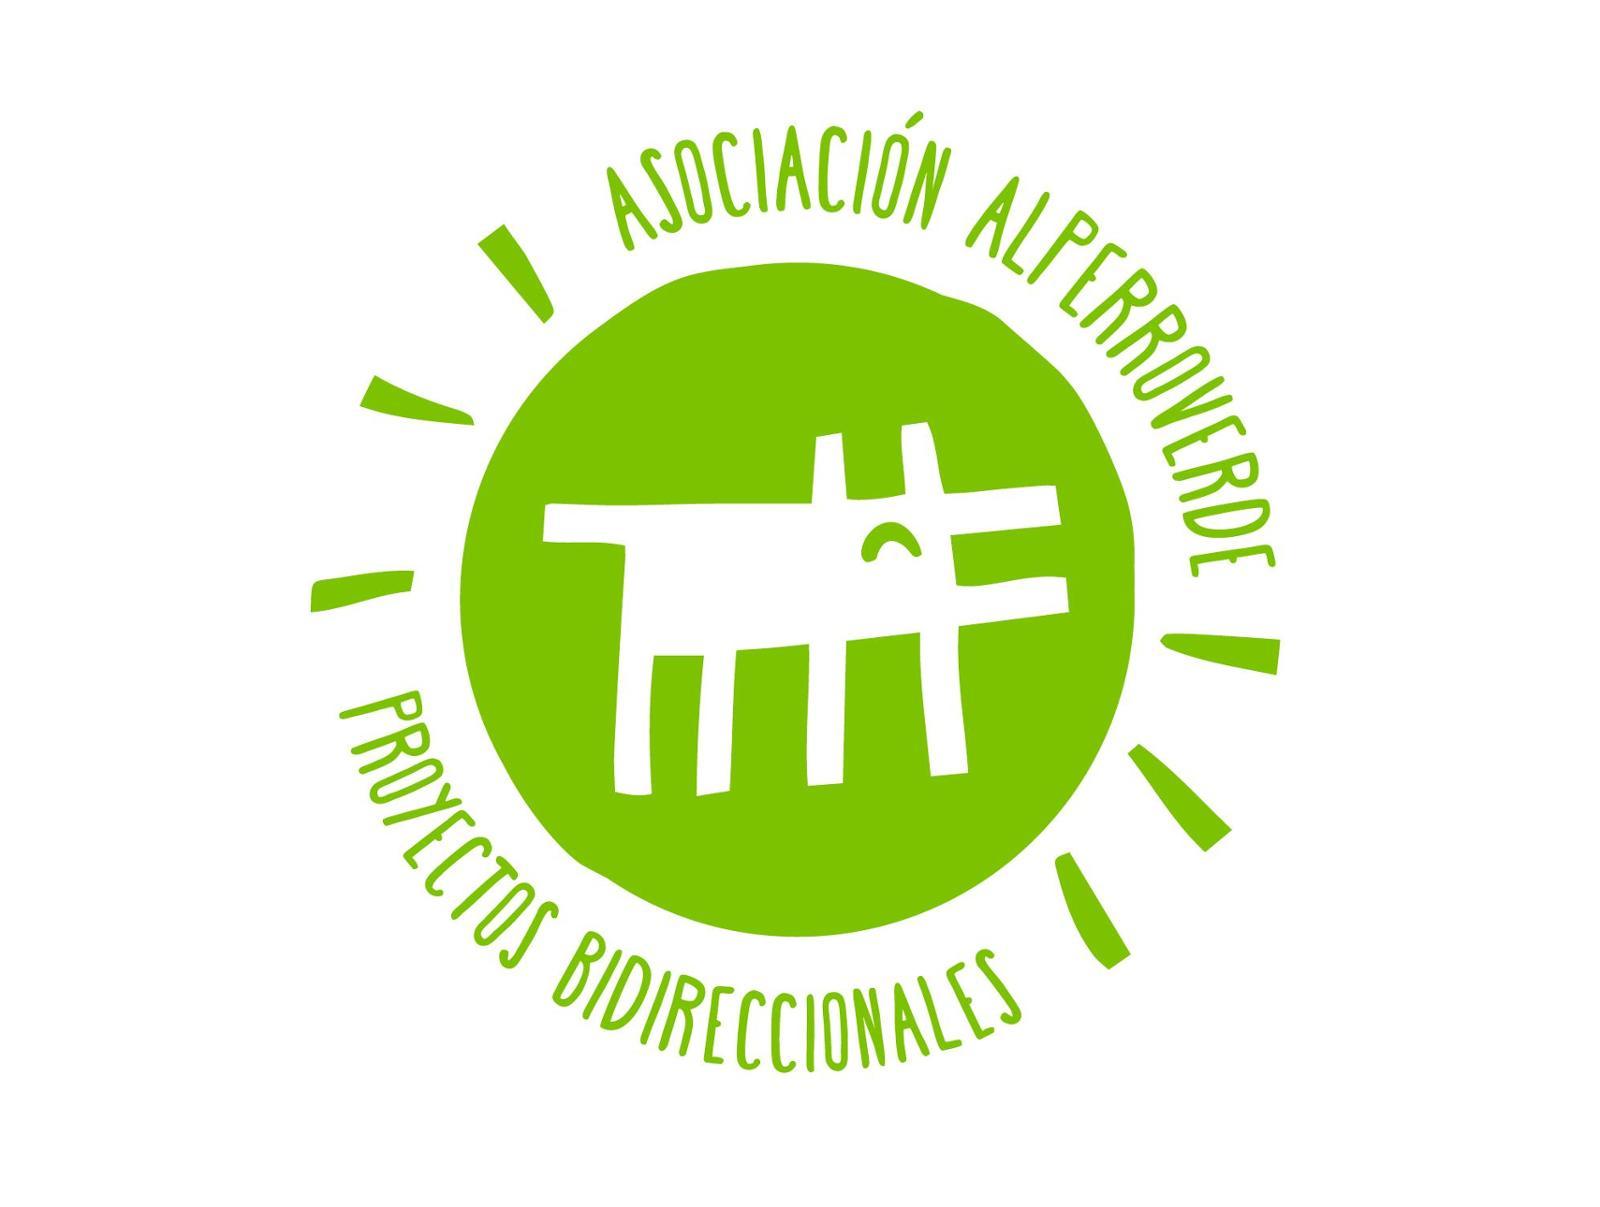 Asociación AlPerroVerde - Proyectos bidireccionales de inclusión social